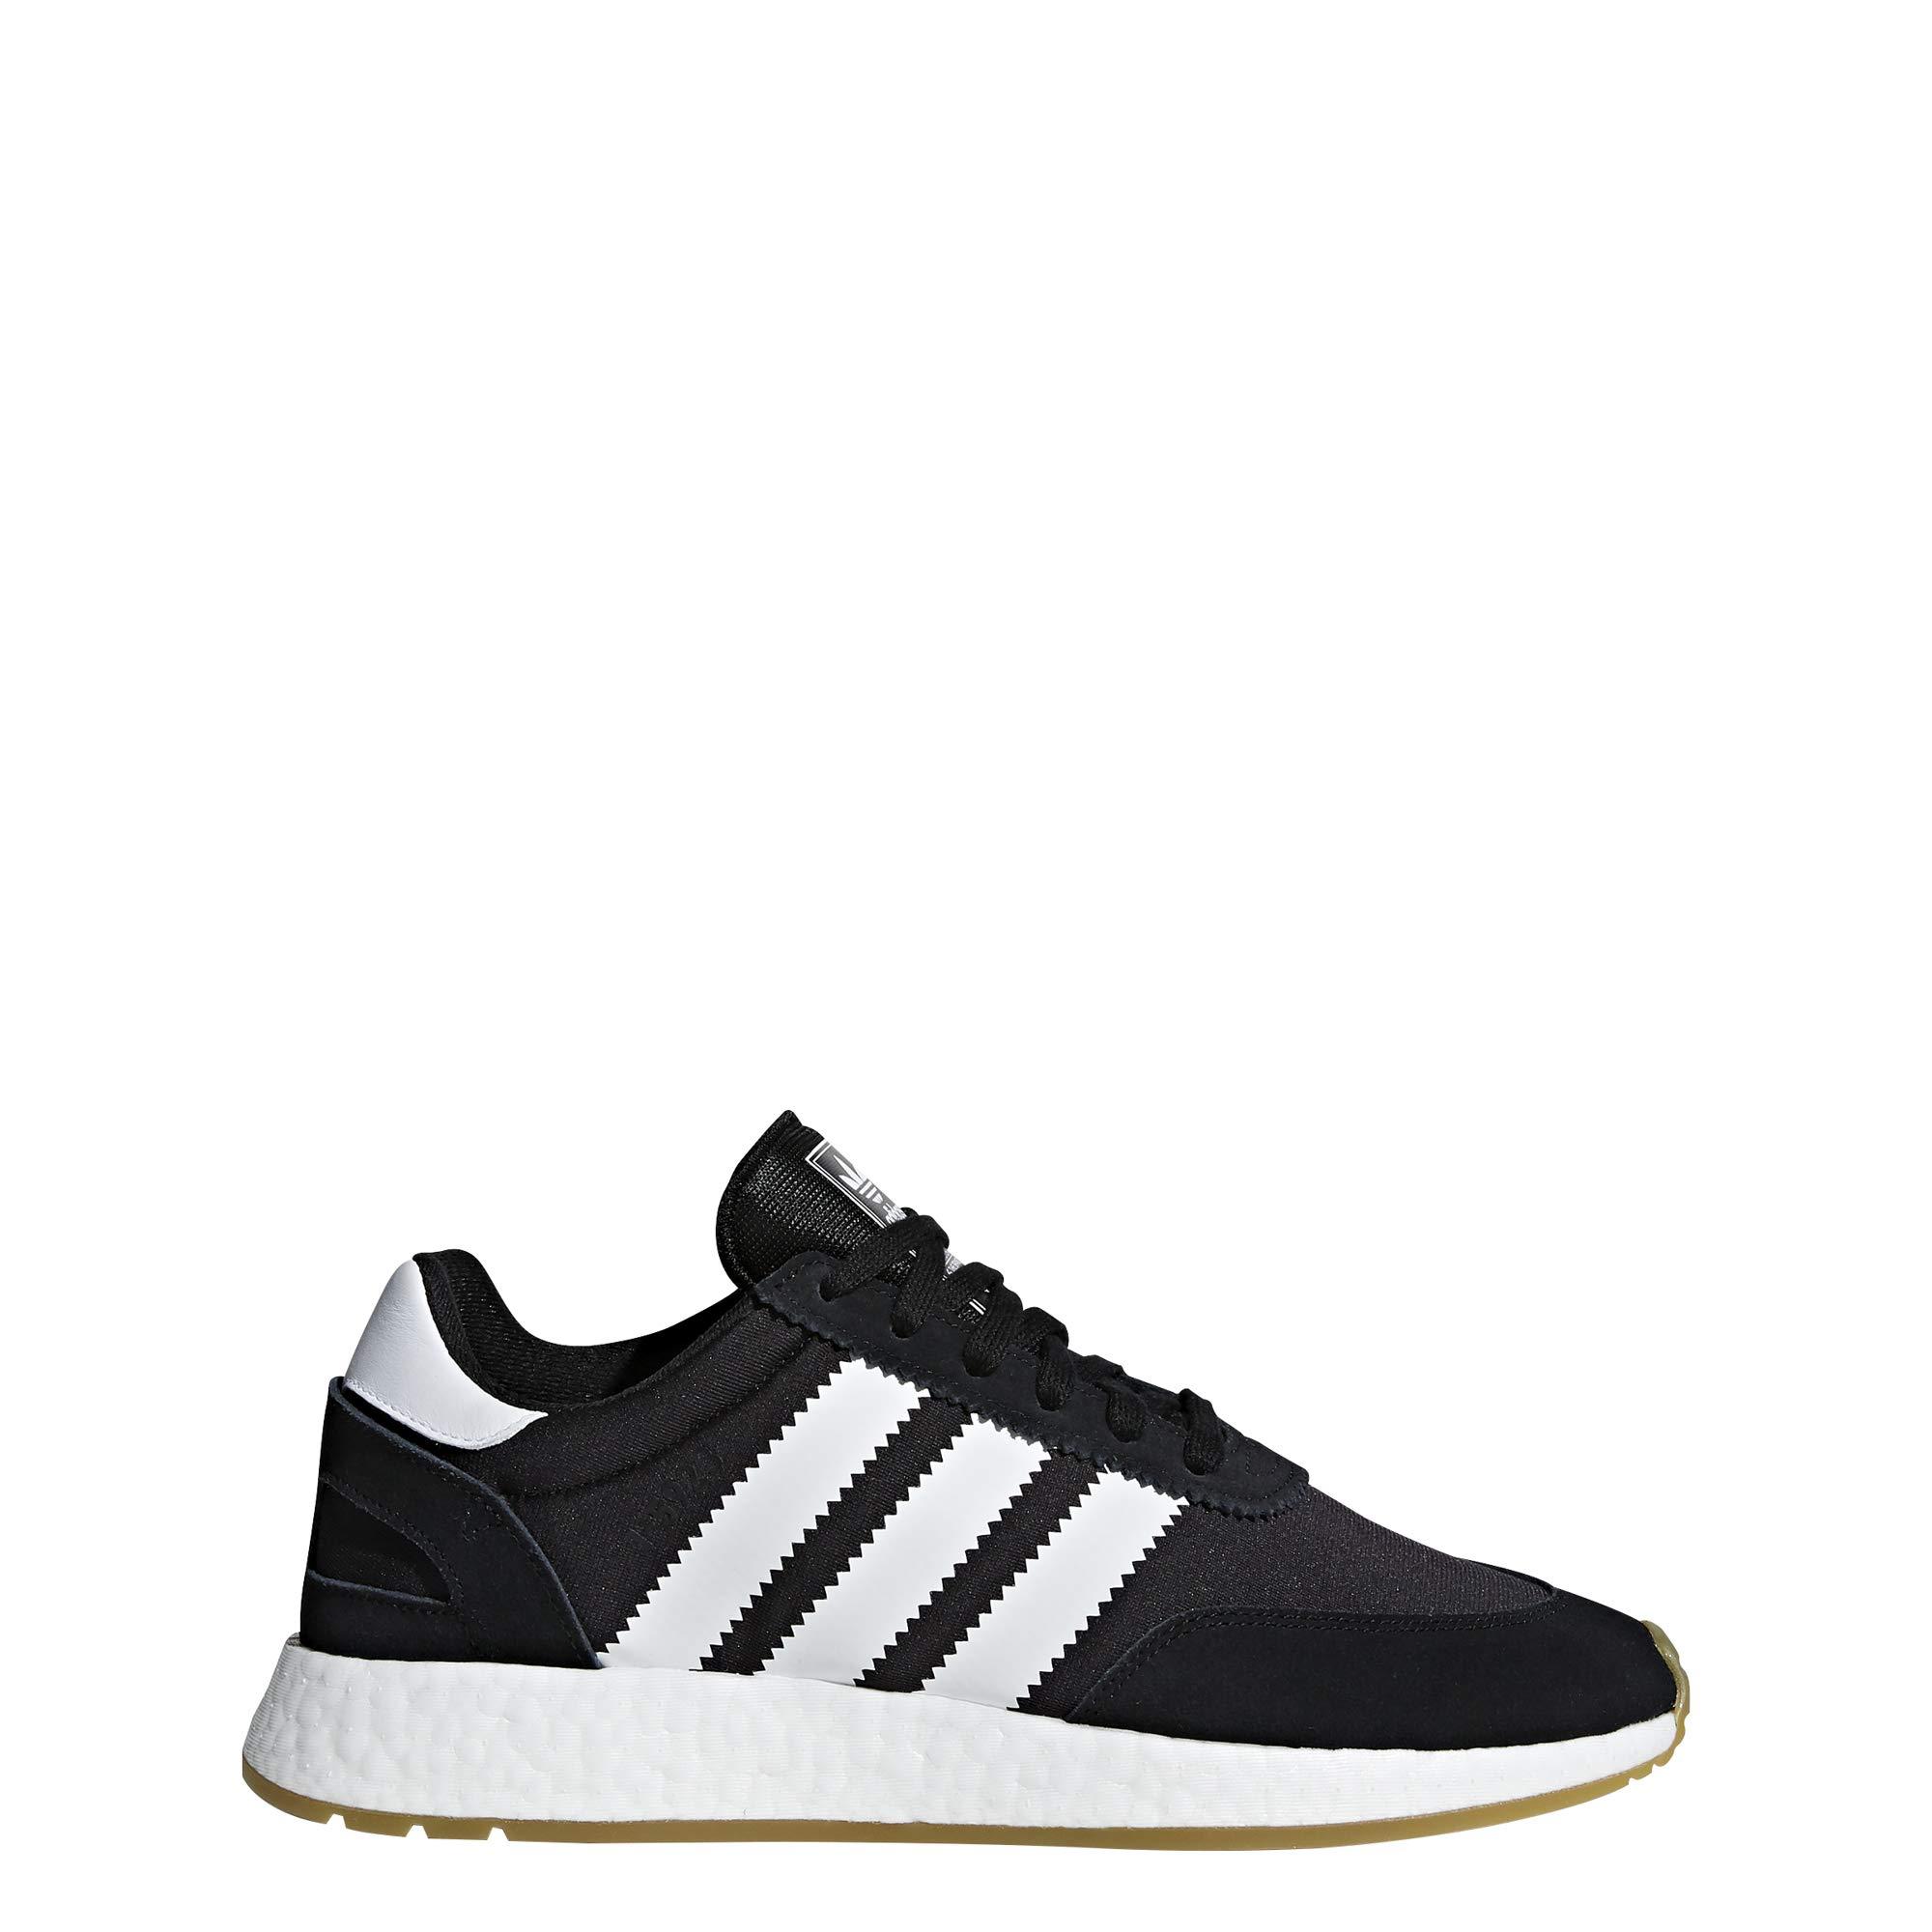 half off bb5c0 743ef Adidas I-5923, Scarpe da Fitness Uomo – Spesavip